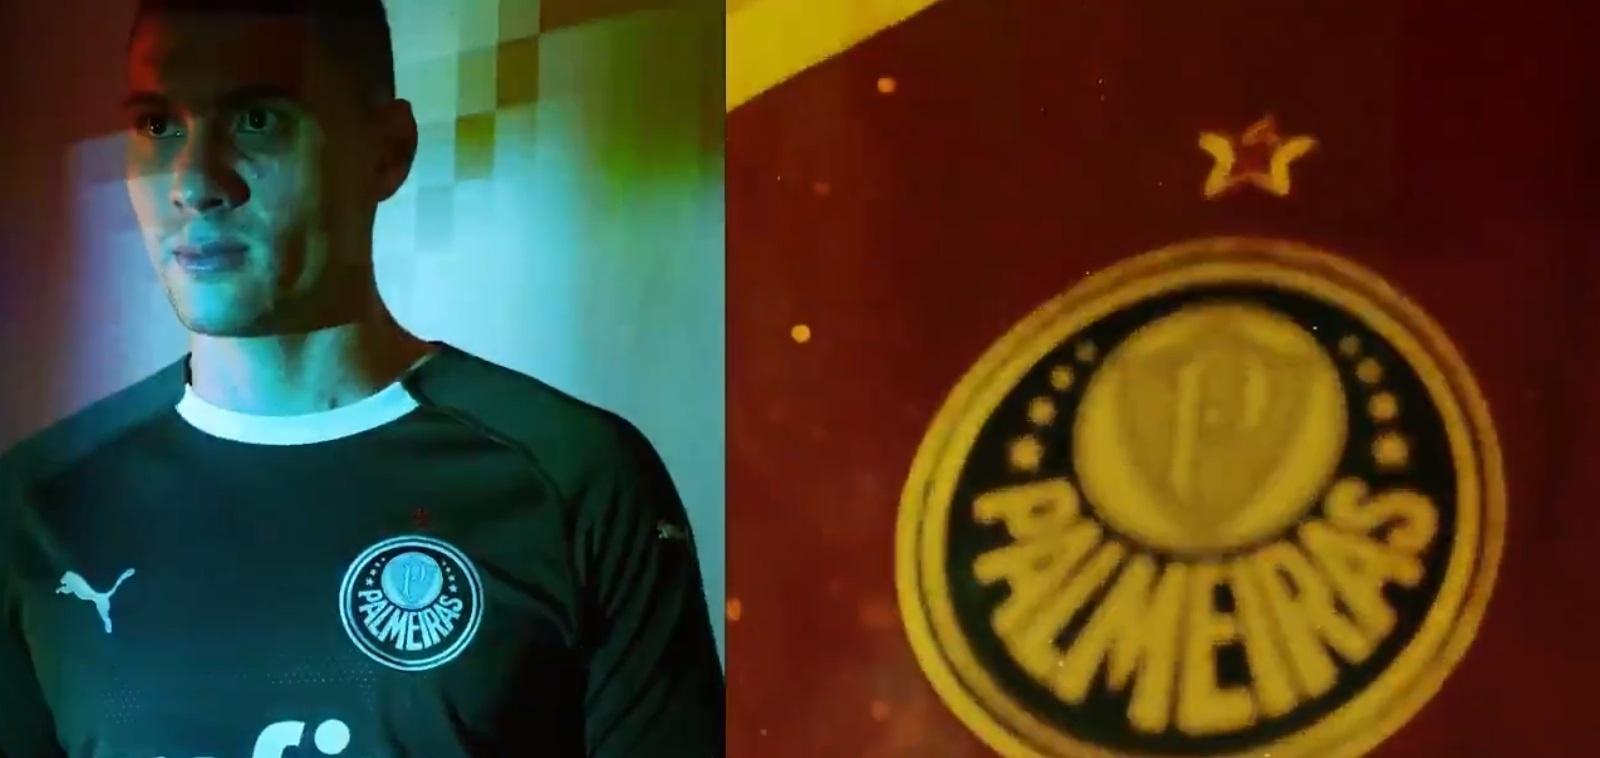 Novo uniforme do Palmeiras teve operação de guerra para evitar vazamentos -  Esporte - BOL 6598638197a92